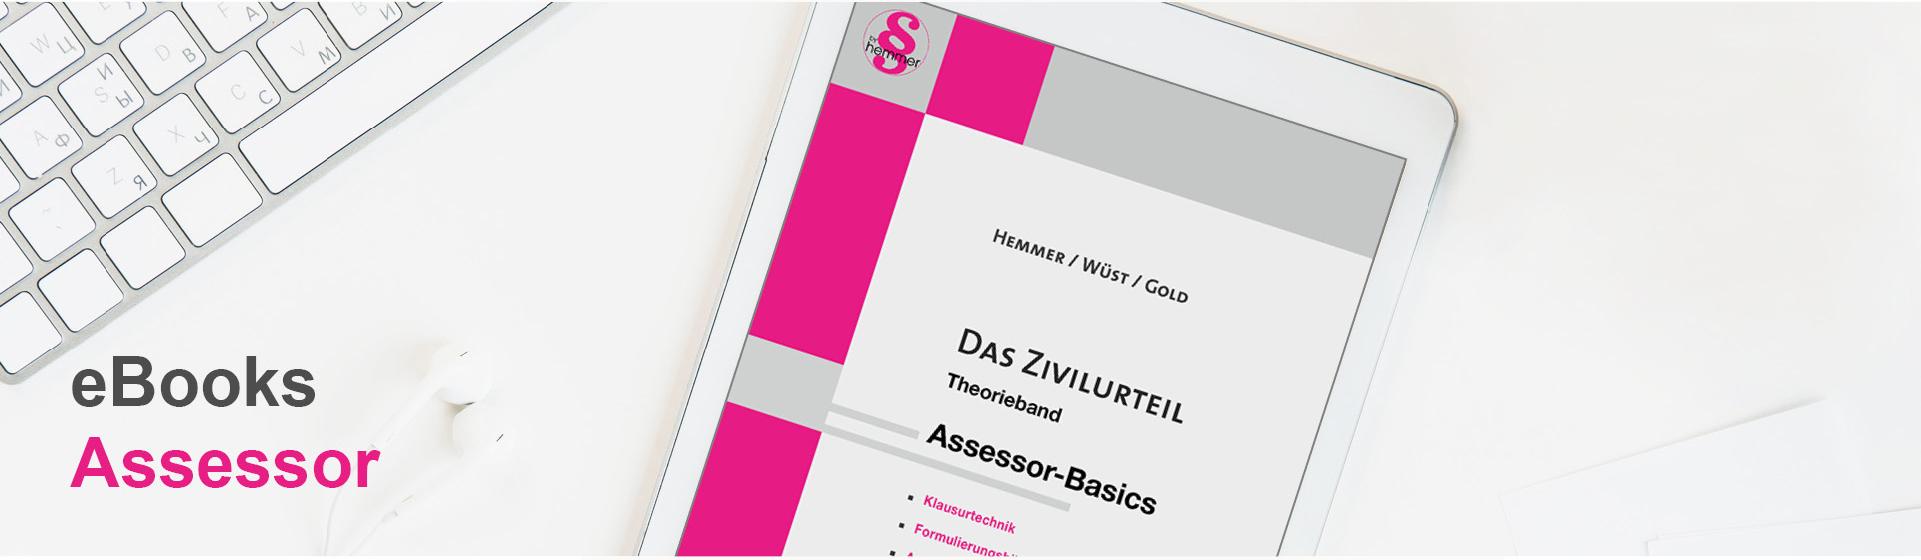 hemmer Assessor Skripten als eBook - Das Erfolgsprogramm für das Assessorexamen